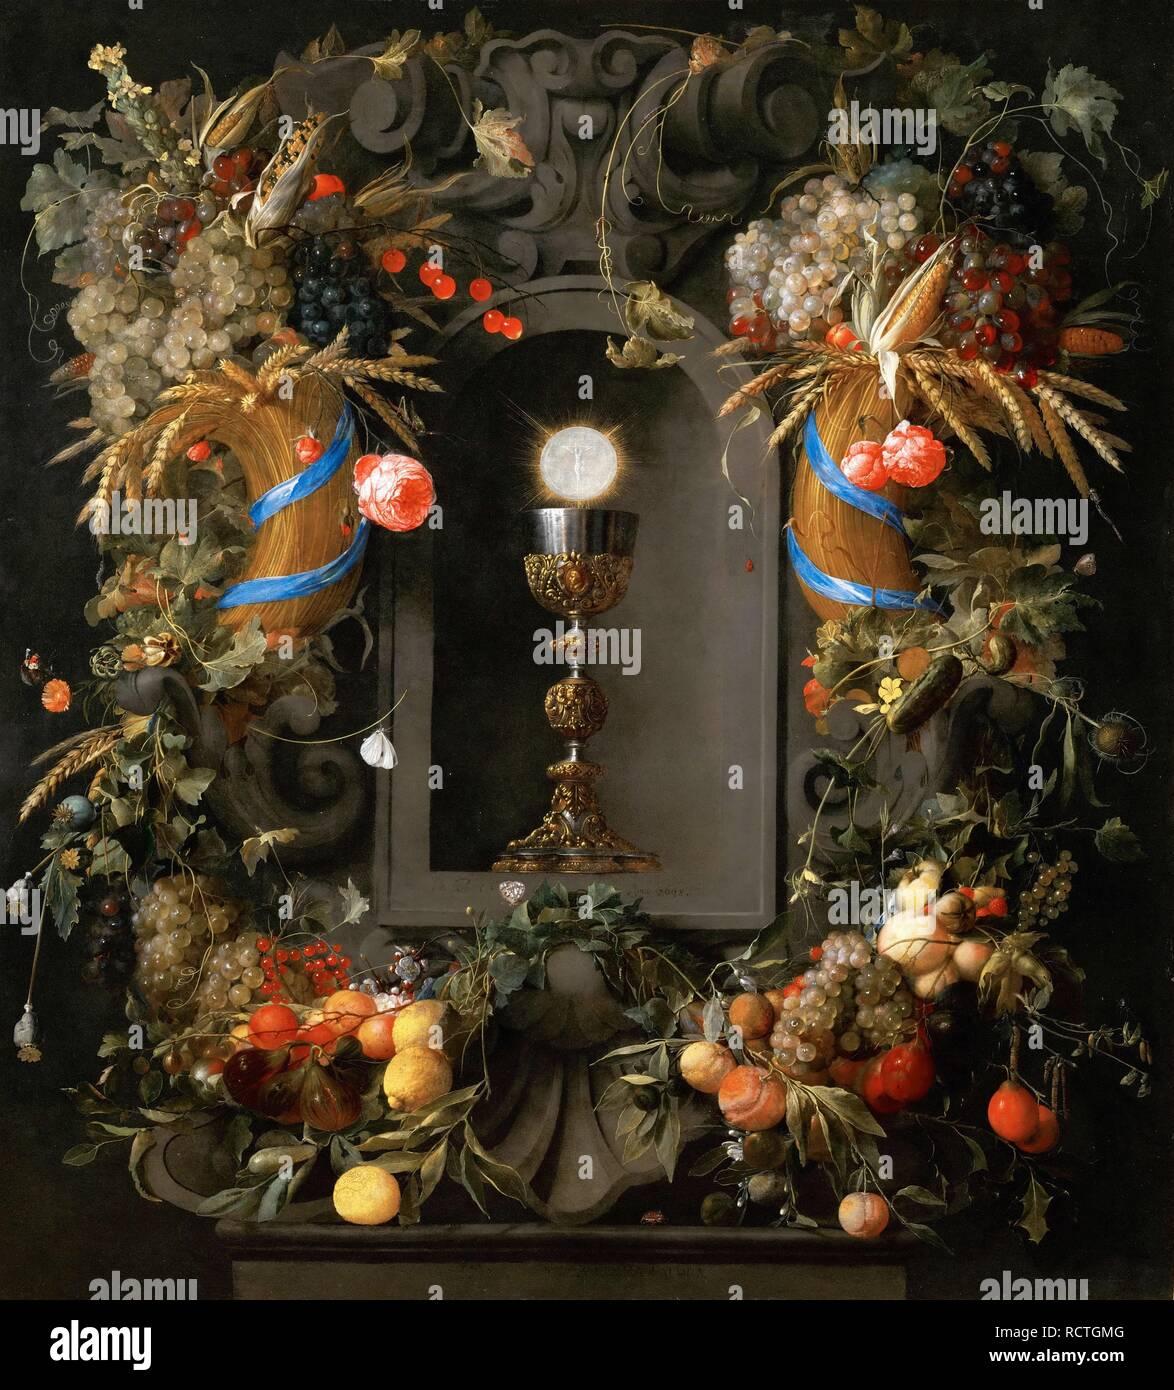 Eucaristia nella corona di frutta. Museo: Museo di Storia dell'arte, Vienne. Autore: HEEM, JAN DAVIDSZ DE. Foto Stock